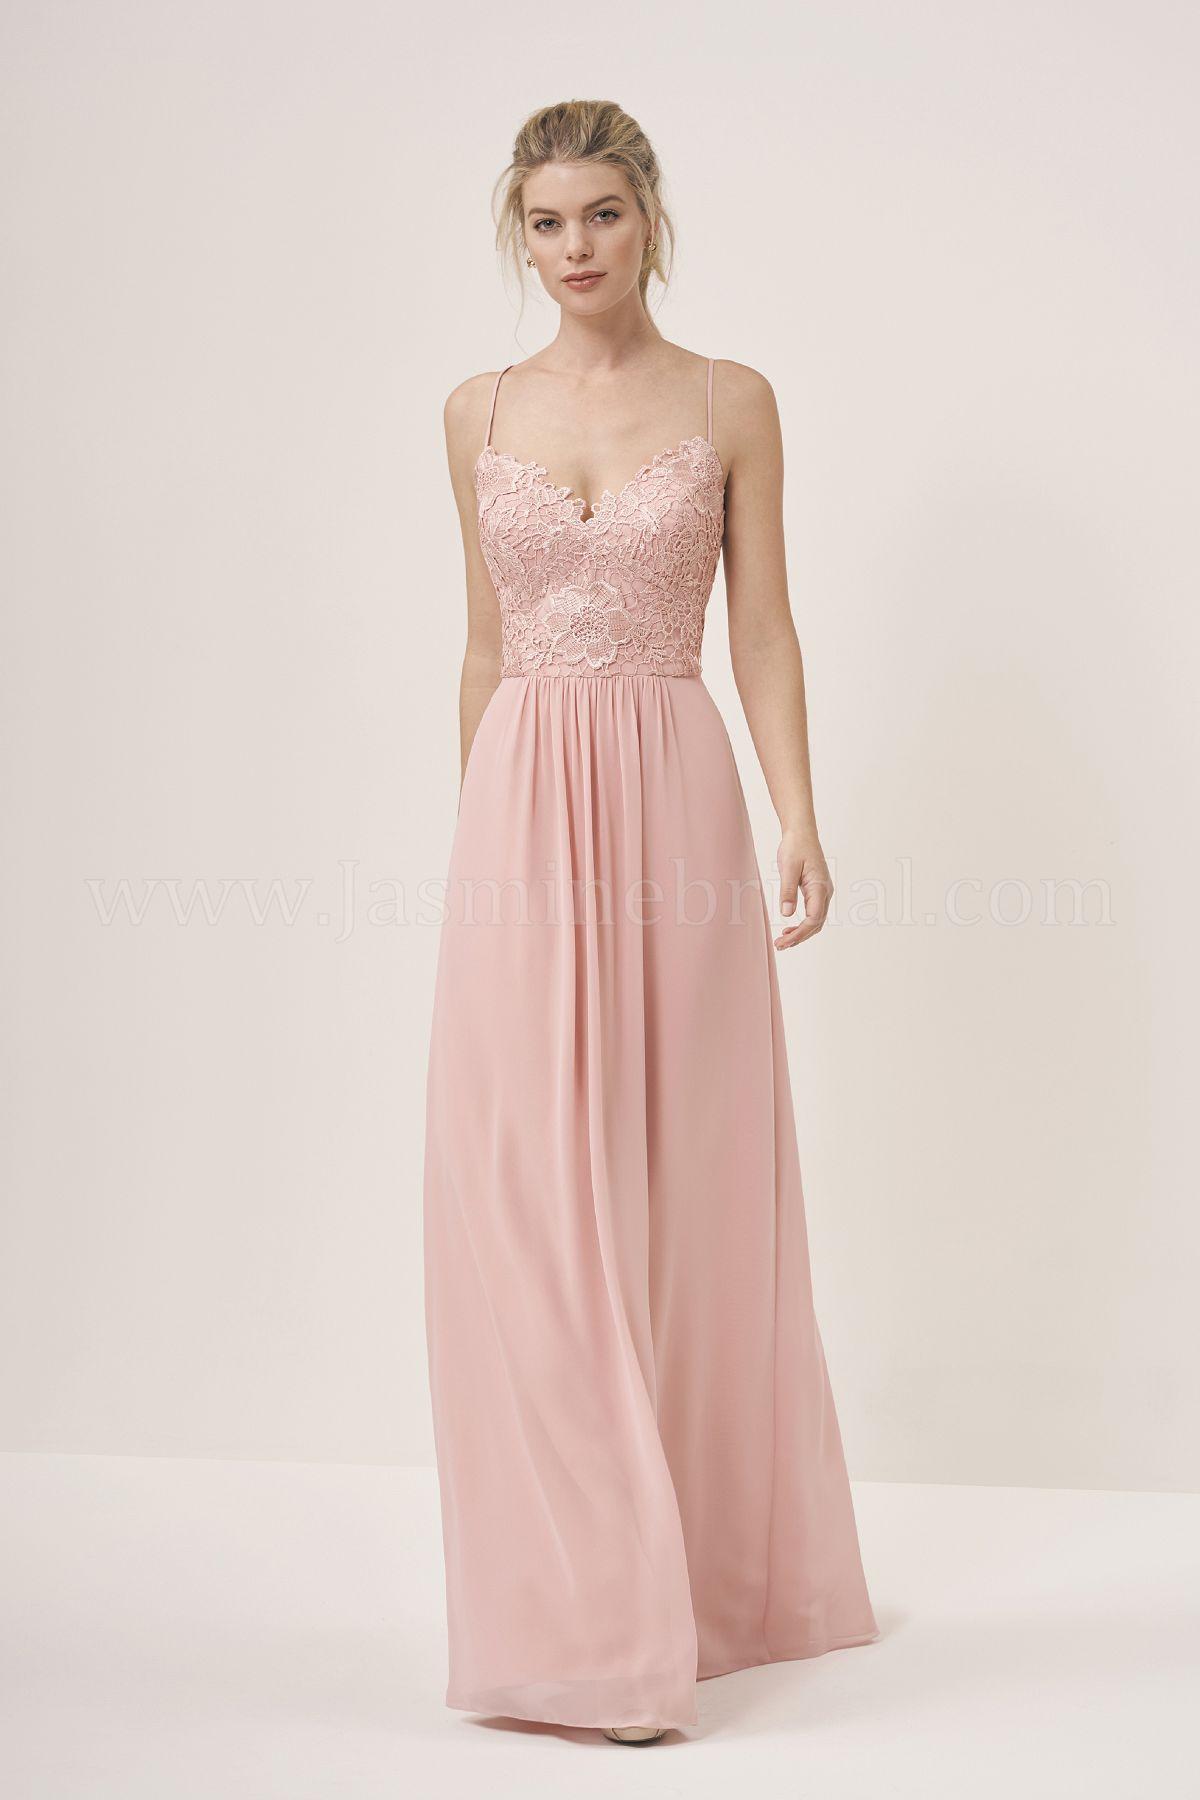 bridesmaid-dresses-P196058-F